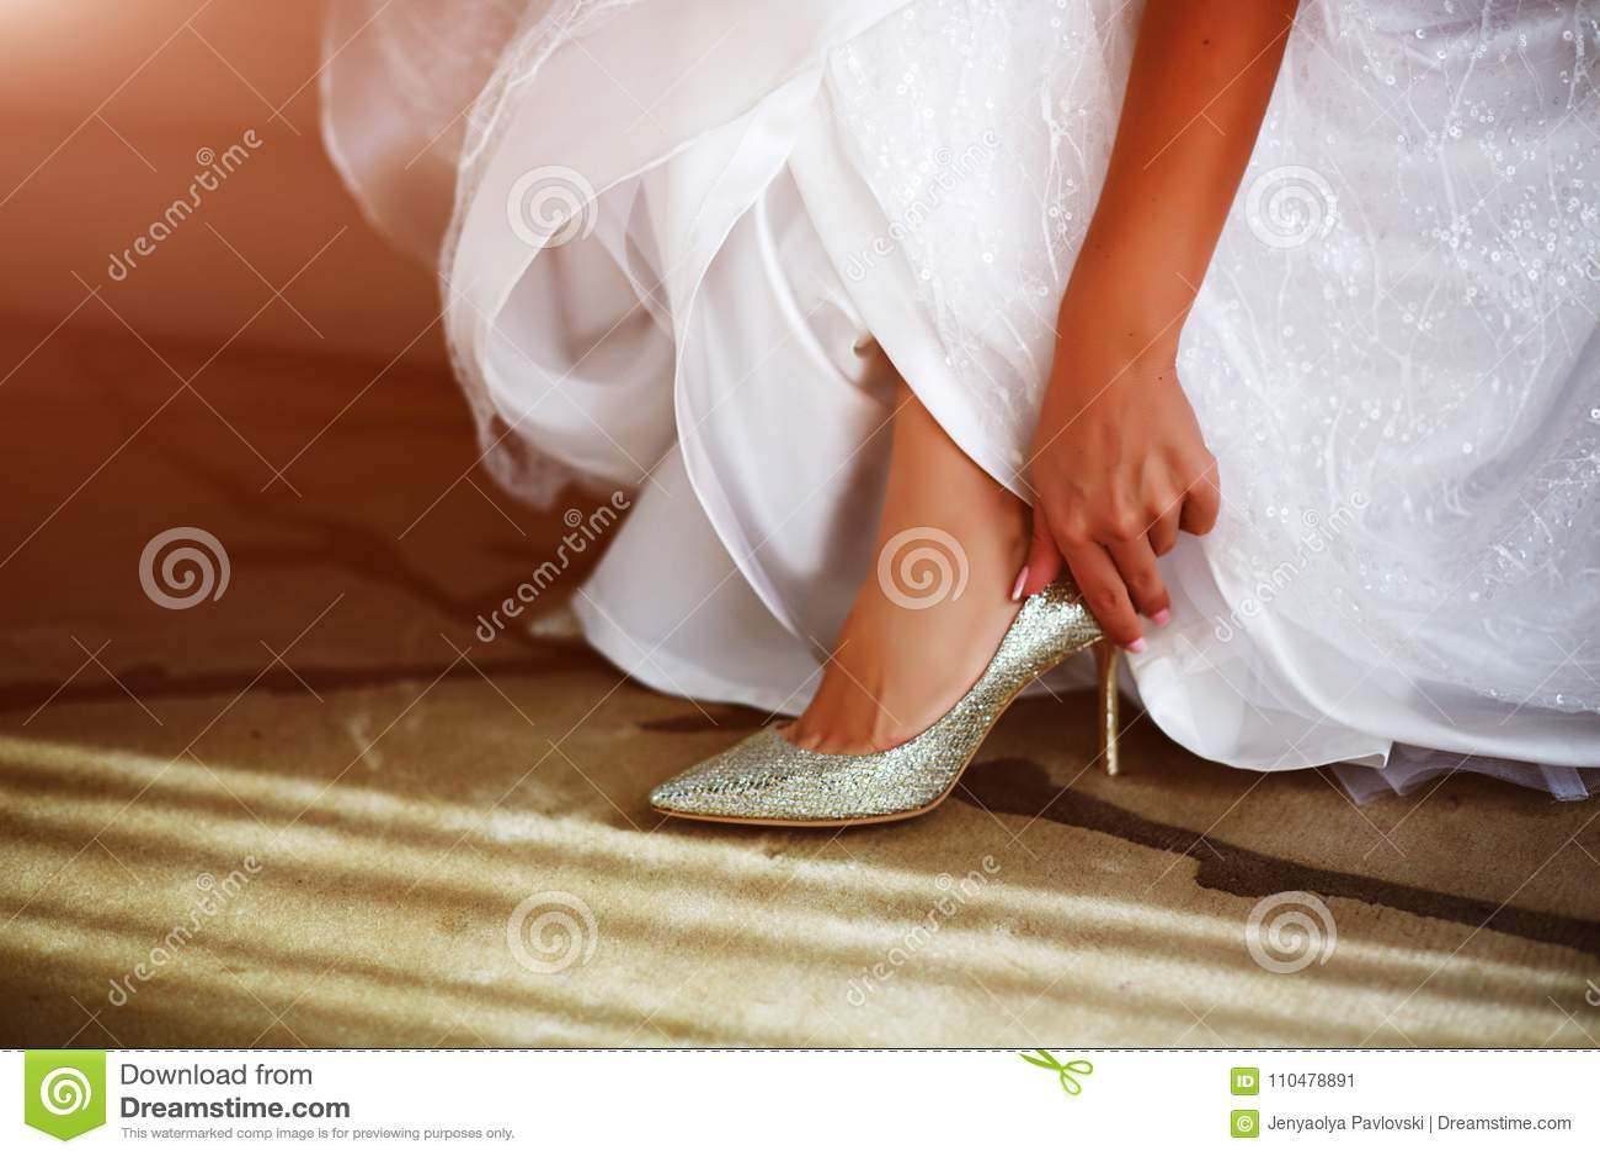 Braut Im Weissen Hochzeitskleid Das Auf Silberne Schuhe Sich Setzt